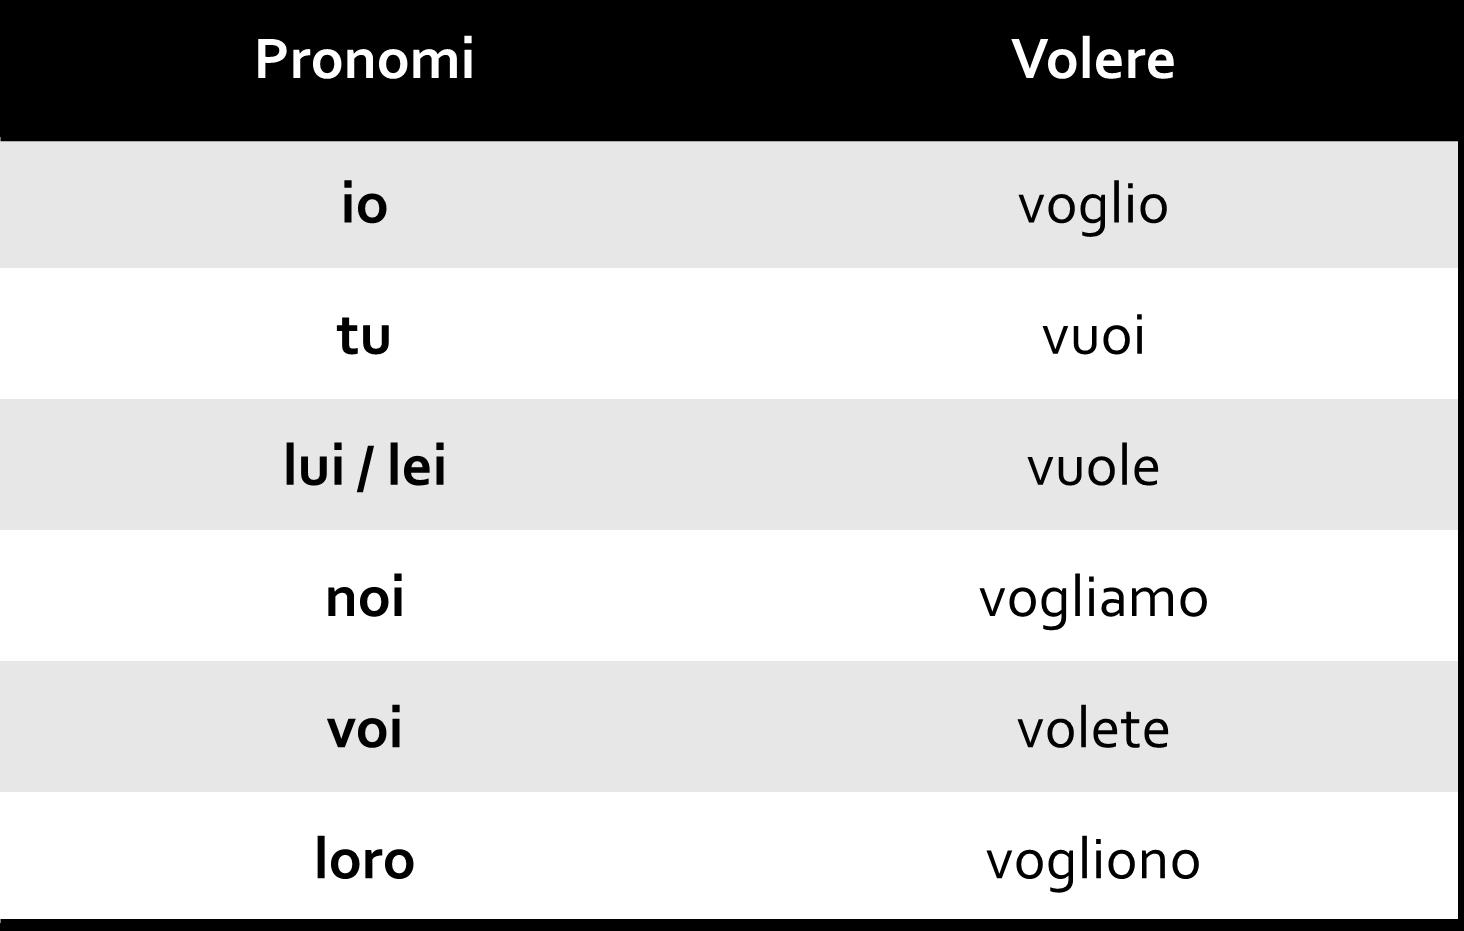 Volere - Os Verbos Modais no Italiano